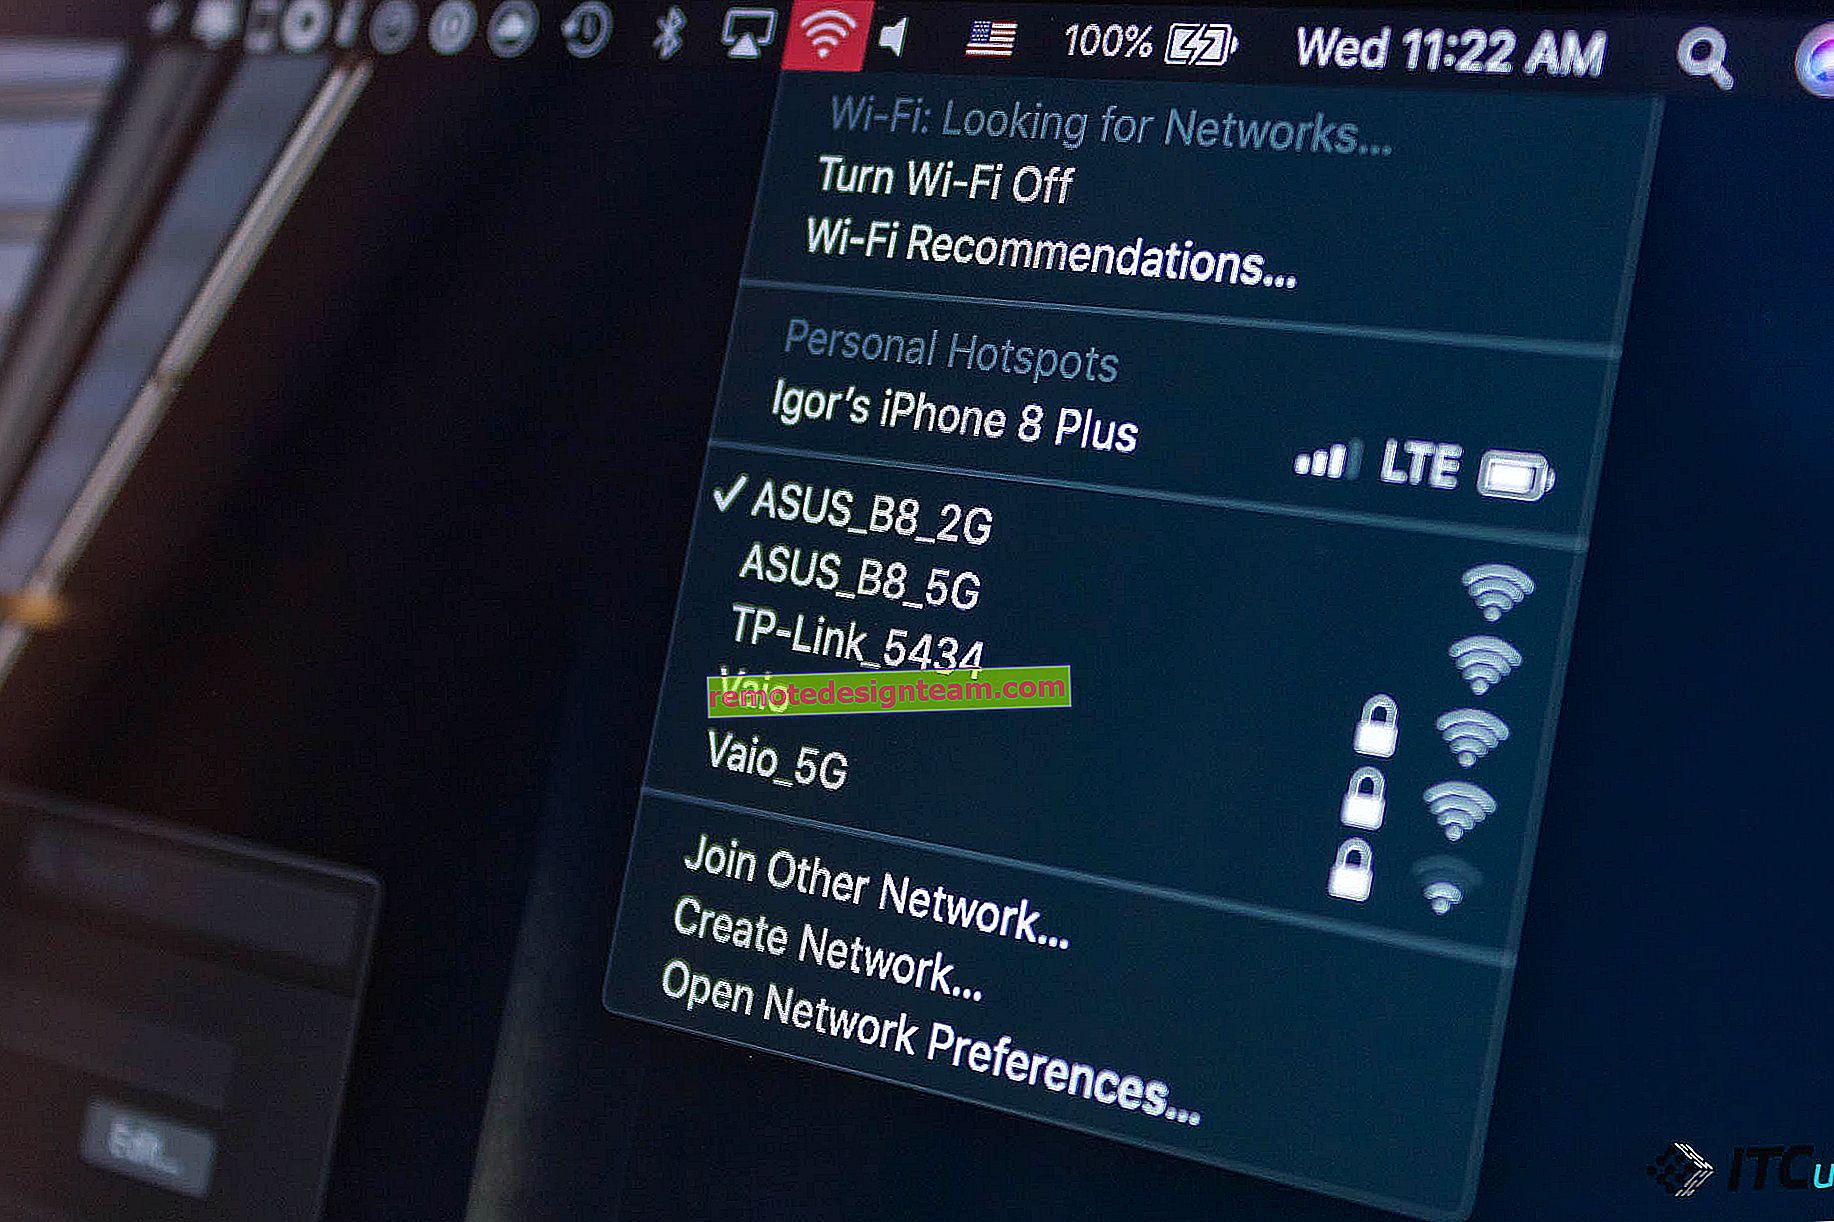 Jak zablokować użytkownika na routerze Asus